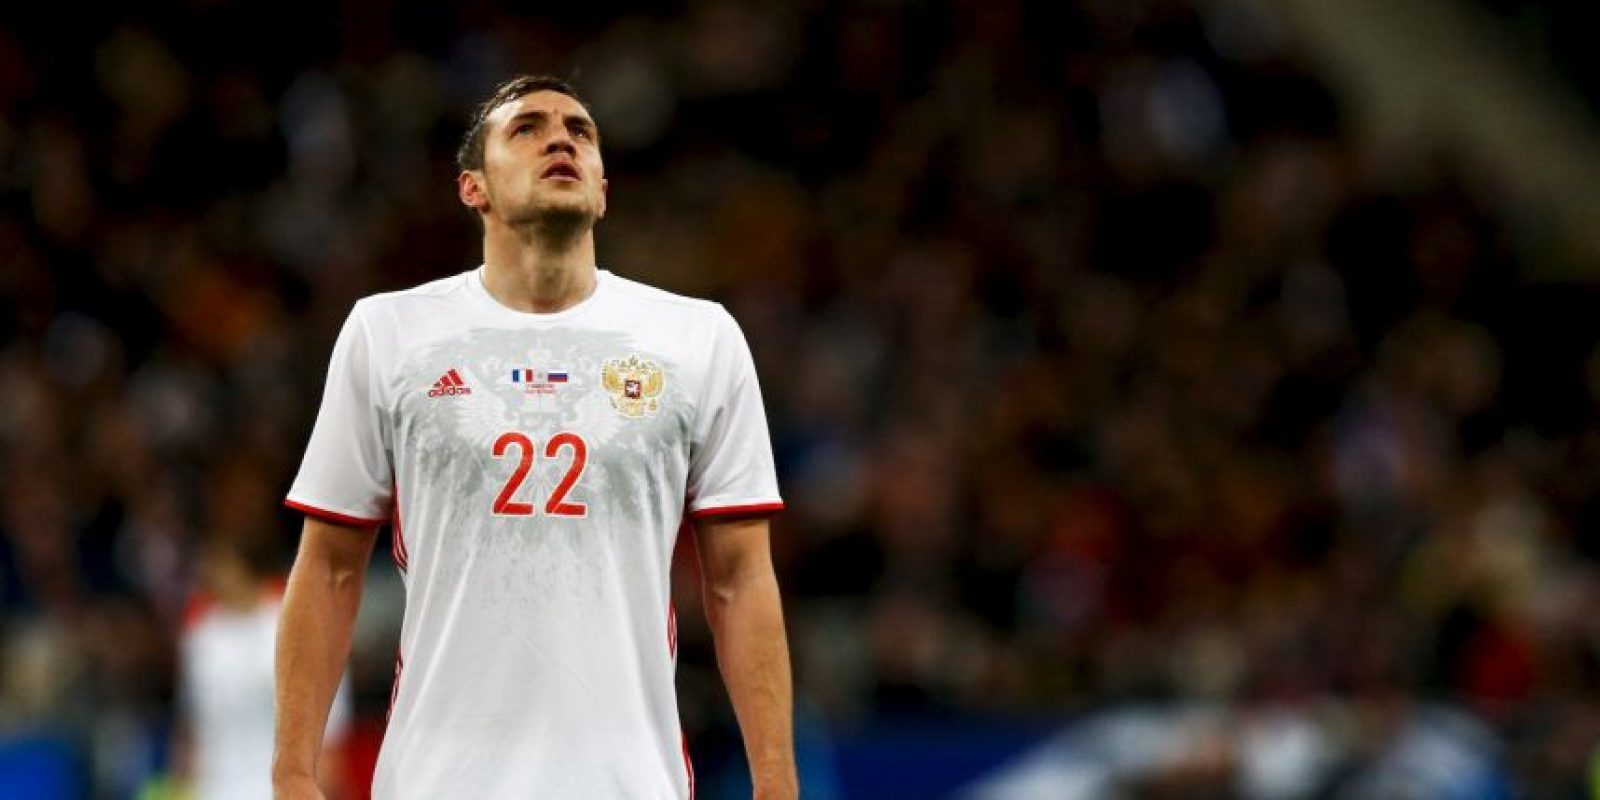 No tiene el talento de Dzagoev, baja por lesión en la lista definitiva de la Eurocopa 2016, pero los ocho goles anotados por Artem Dzyuba en otros tantos partidos de la fase de clasificación resultaron decisivos para que los rusos avanzaran a la Eurocopa. Sin apenas trascendencia en el Norwich City de la Premier League, Dzuyba se transforma en un ariete letal cuando se enfunda la camiseta del equipo nacional. El 40 por ciento de los goles que marcó Rusia en el camino hacia Francia 2016 llevan su firma. Foto:Getty Images